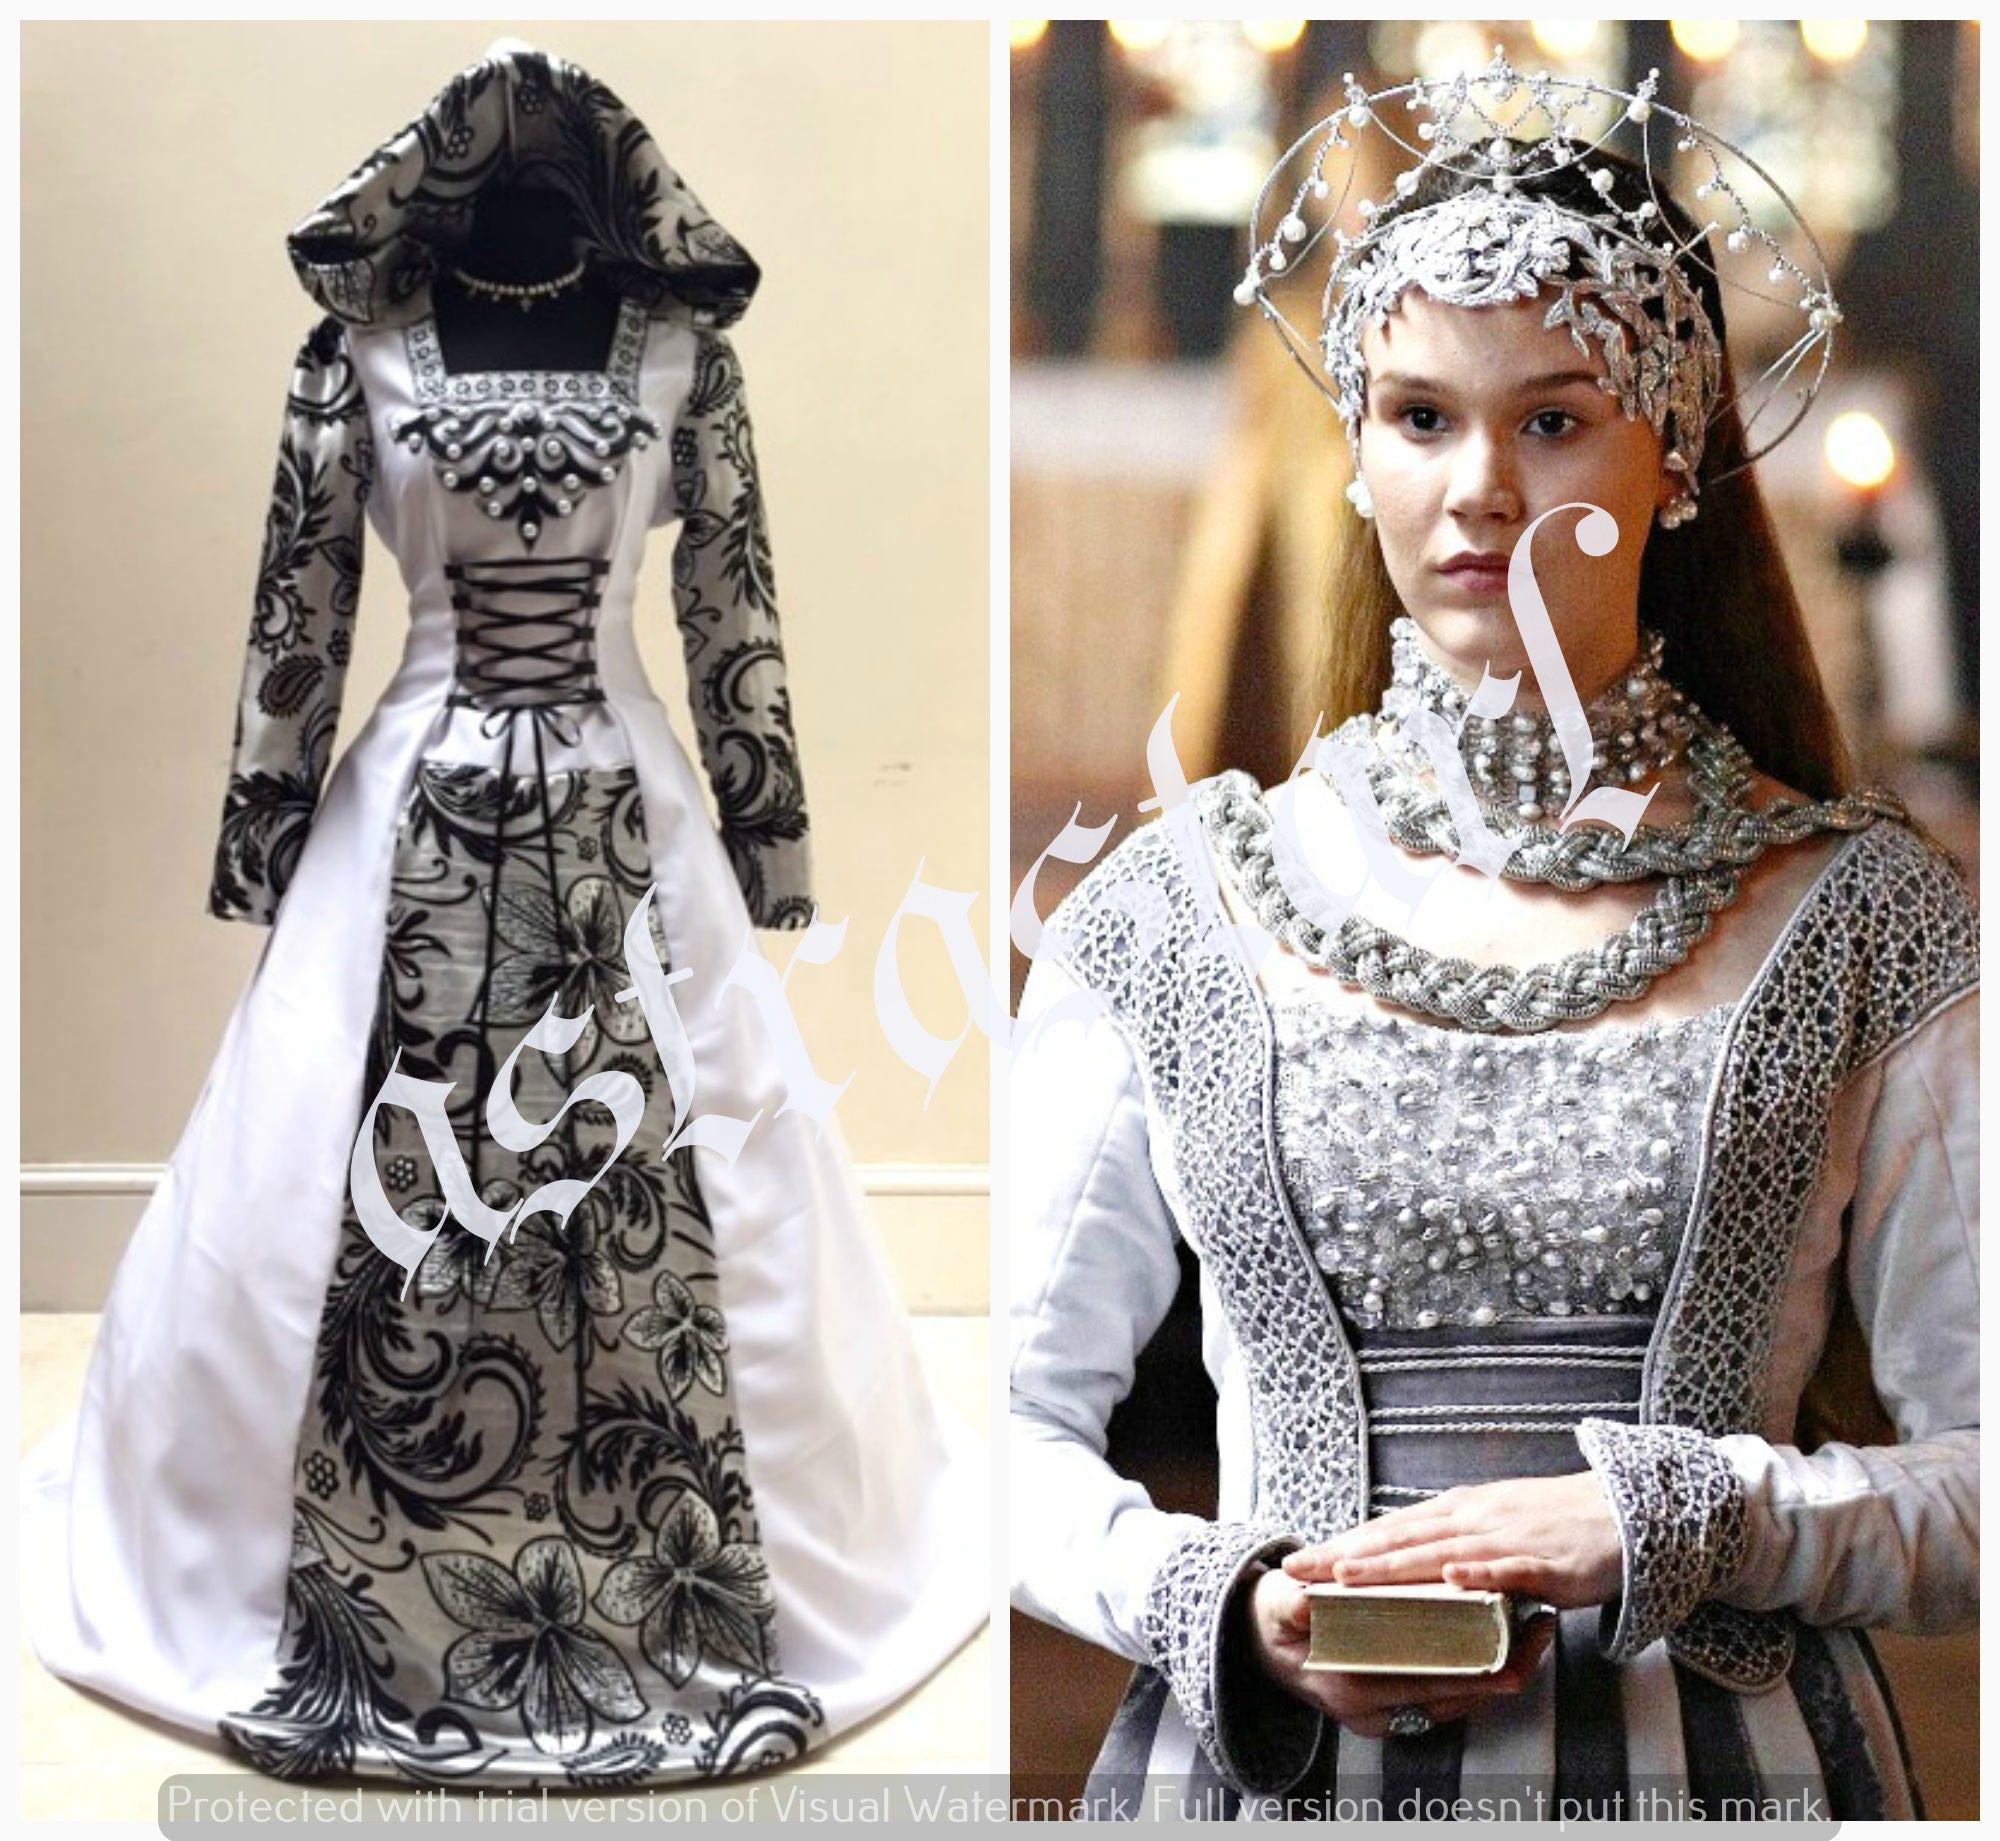 Mittelalterliche Hochzeitskleid S-M 12.10.14 Silber gothic